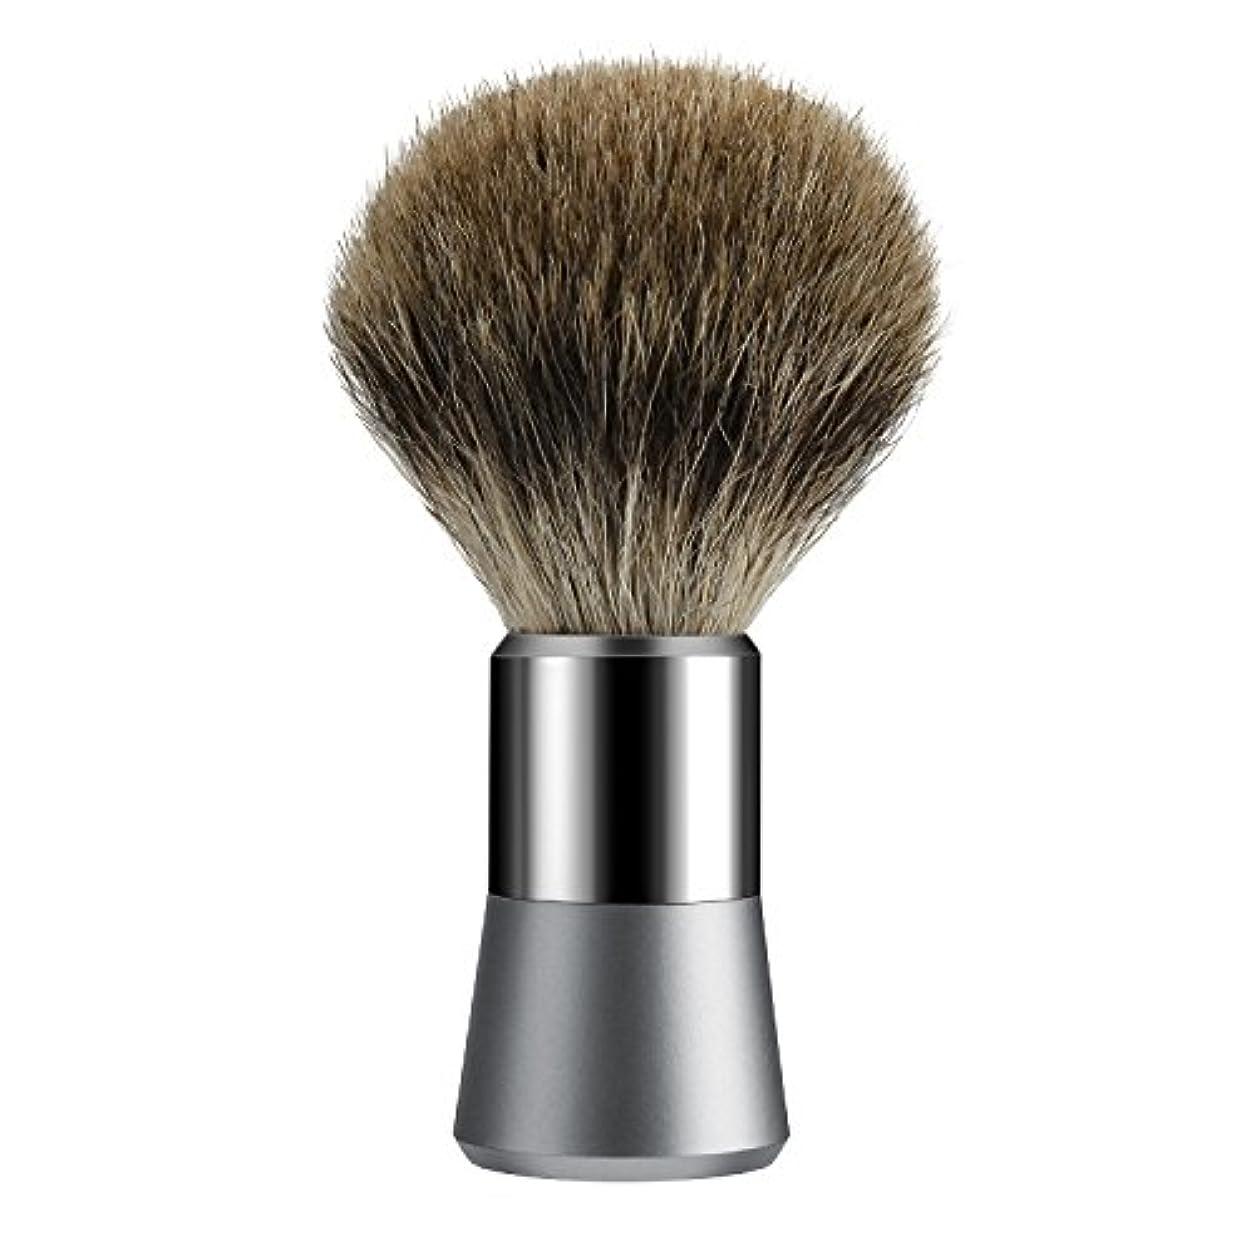 気分が良いまとめる注入するTezam シェービング ブラシ, シェービングブラシ アナグマの毛 100%, クロームハンドル